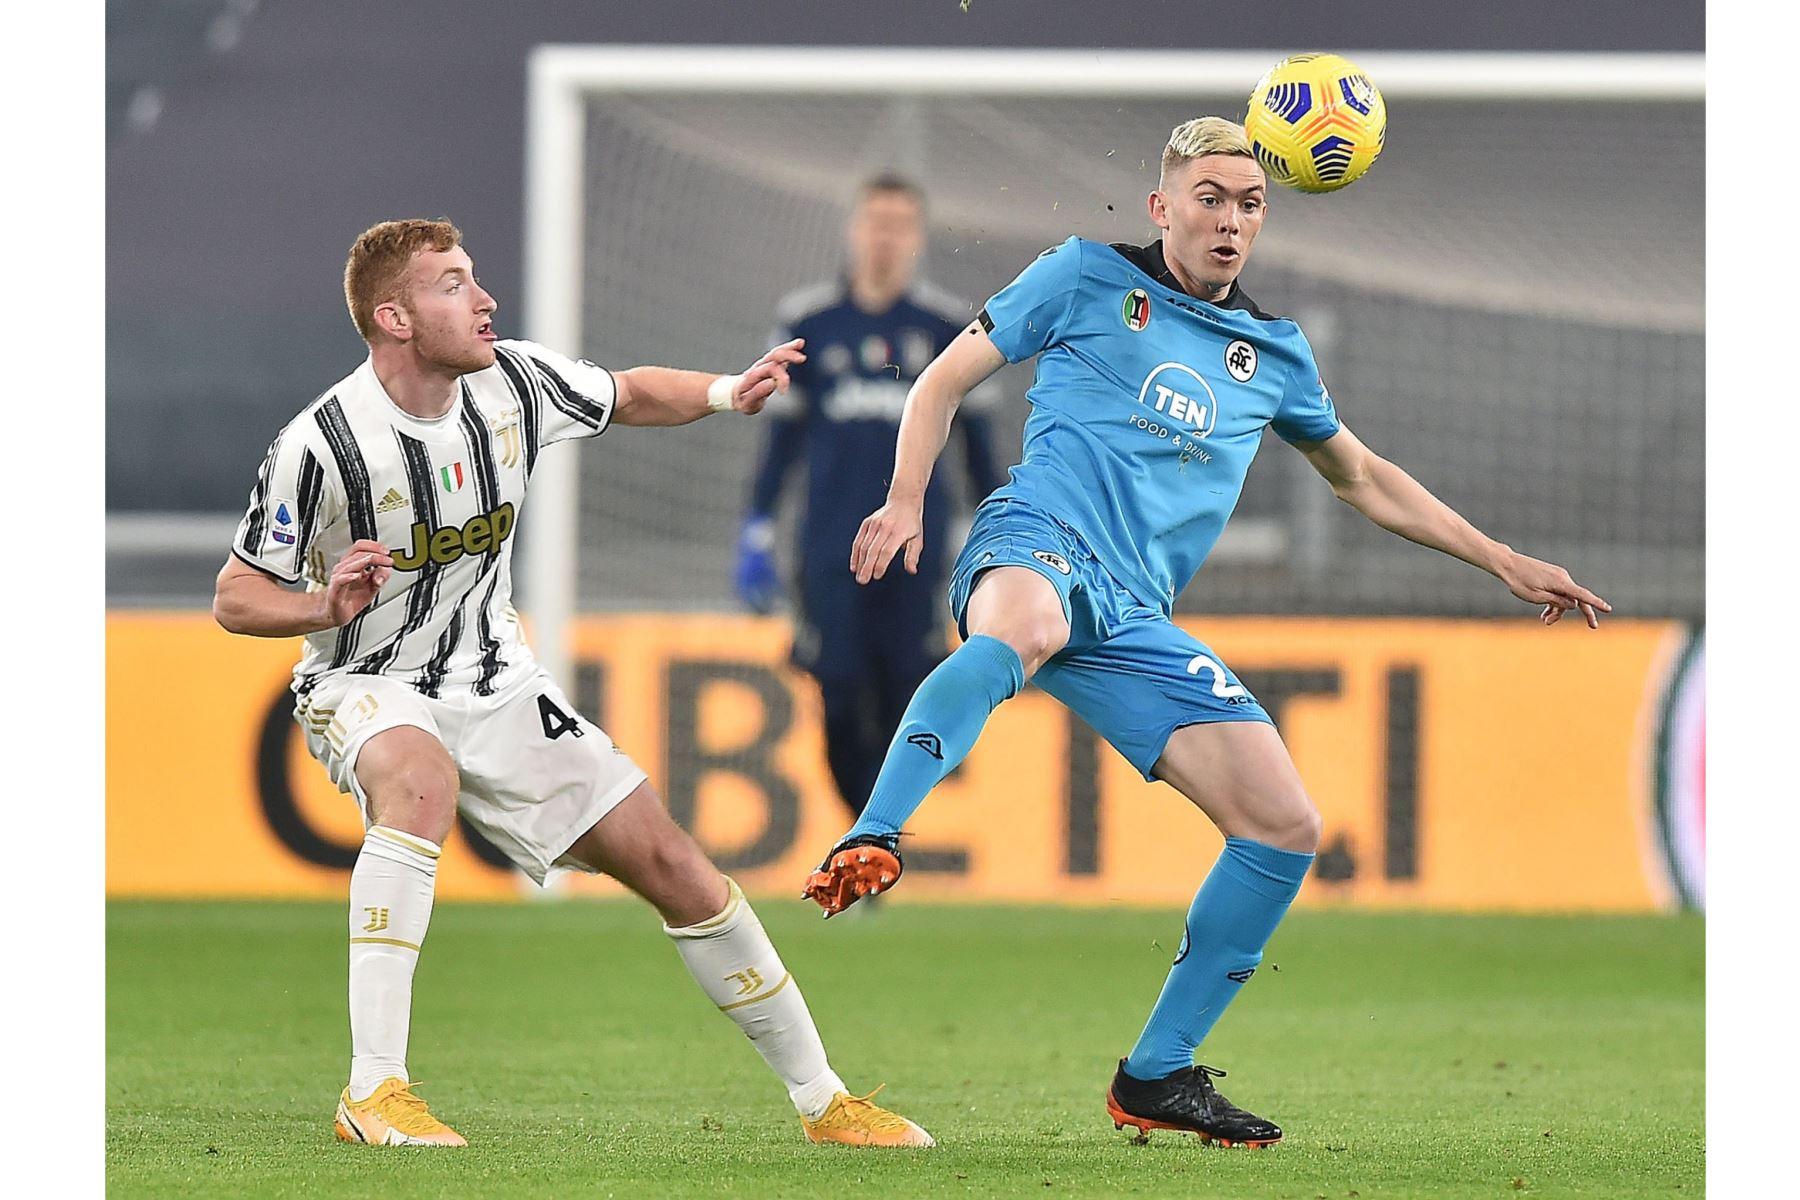 Dejan Kulusevsk del Juventus y Nahuel Estevez del Spezia en acción durante el partido de fútbol de la Serie A italiana. Foto: EFE